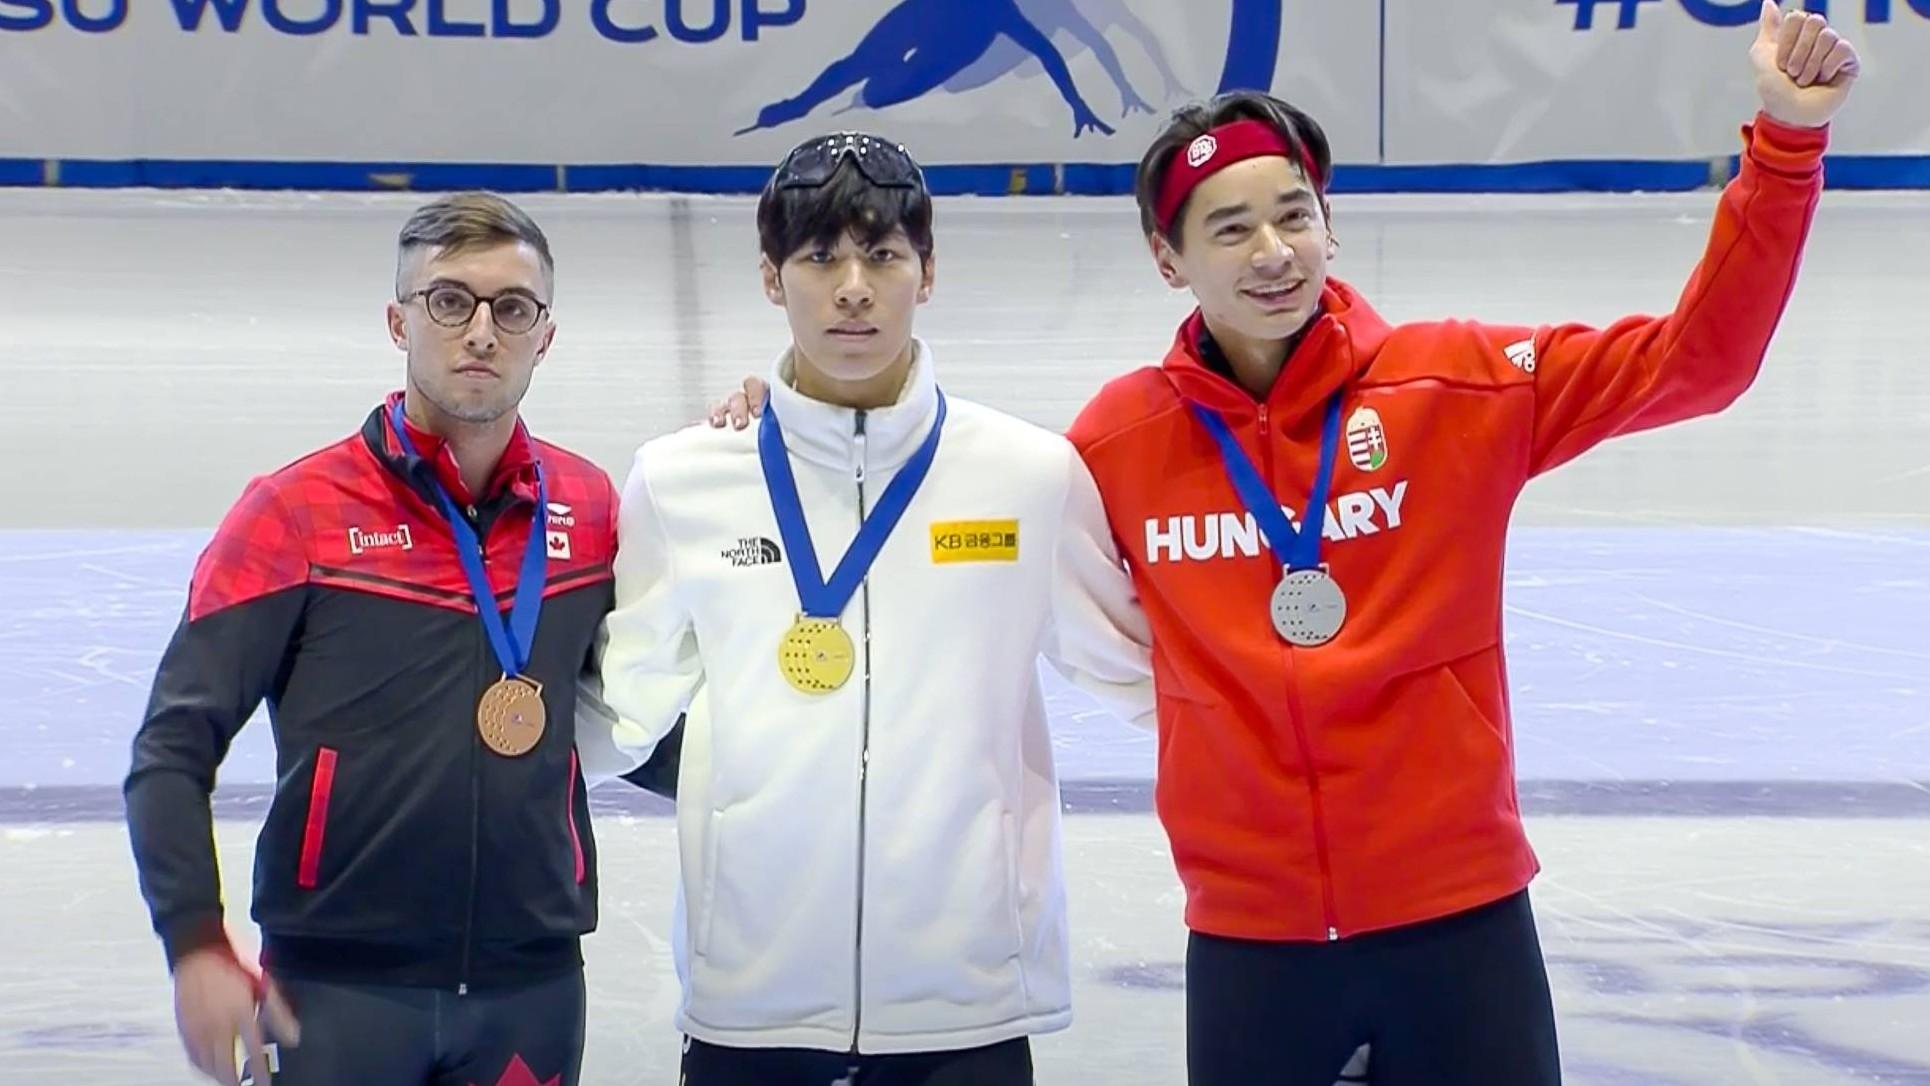 Rövidpályás gyorskorcsolya vk - Liu Shaolin ezüstérmes 500 méteren, a férfi váltó összetett győztes lett